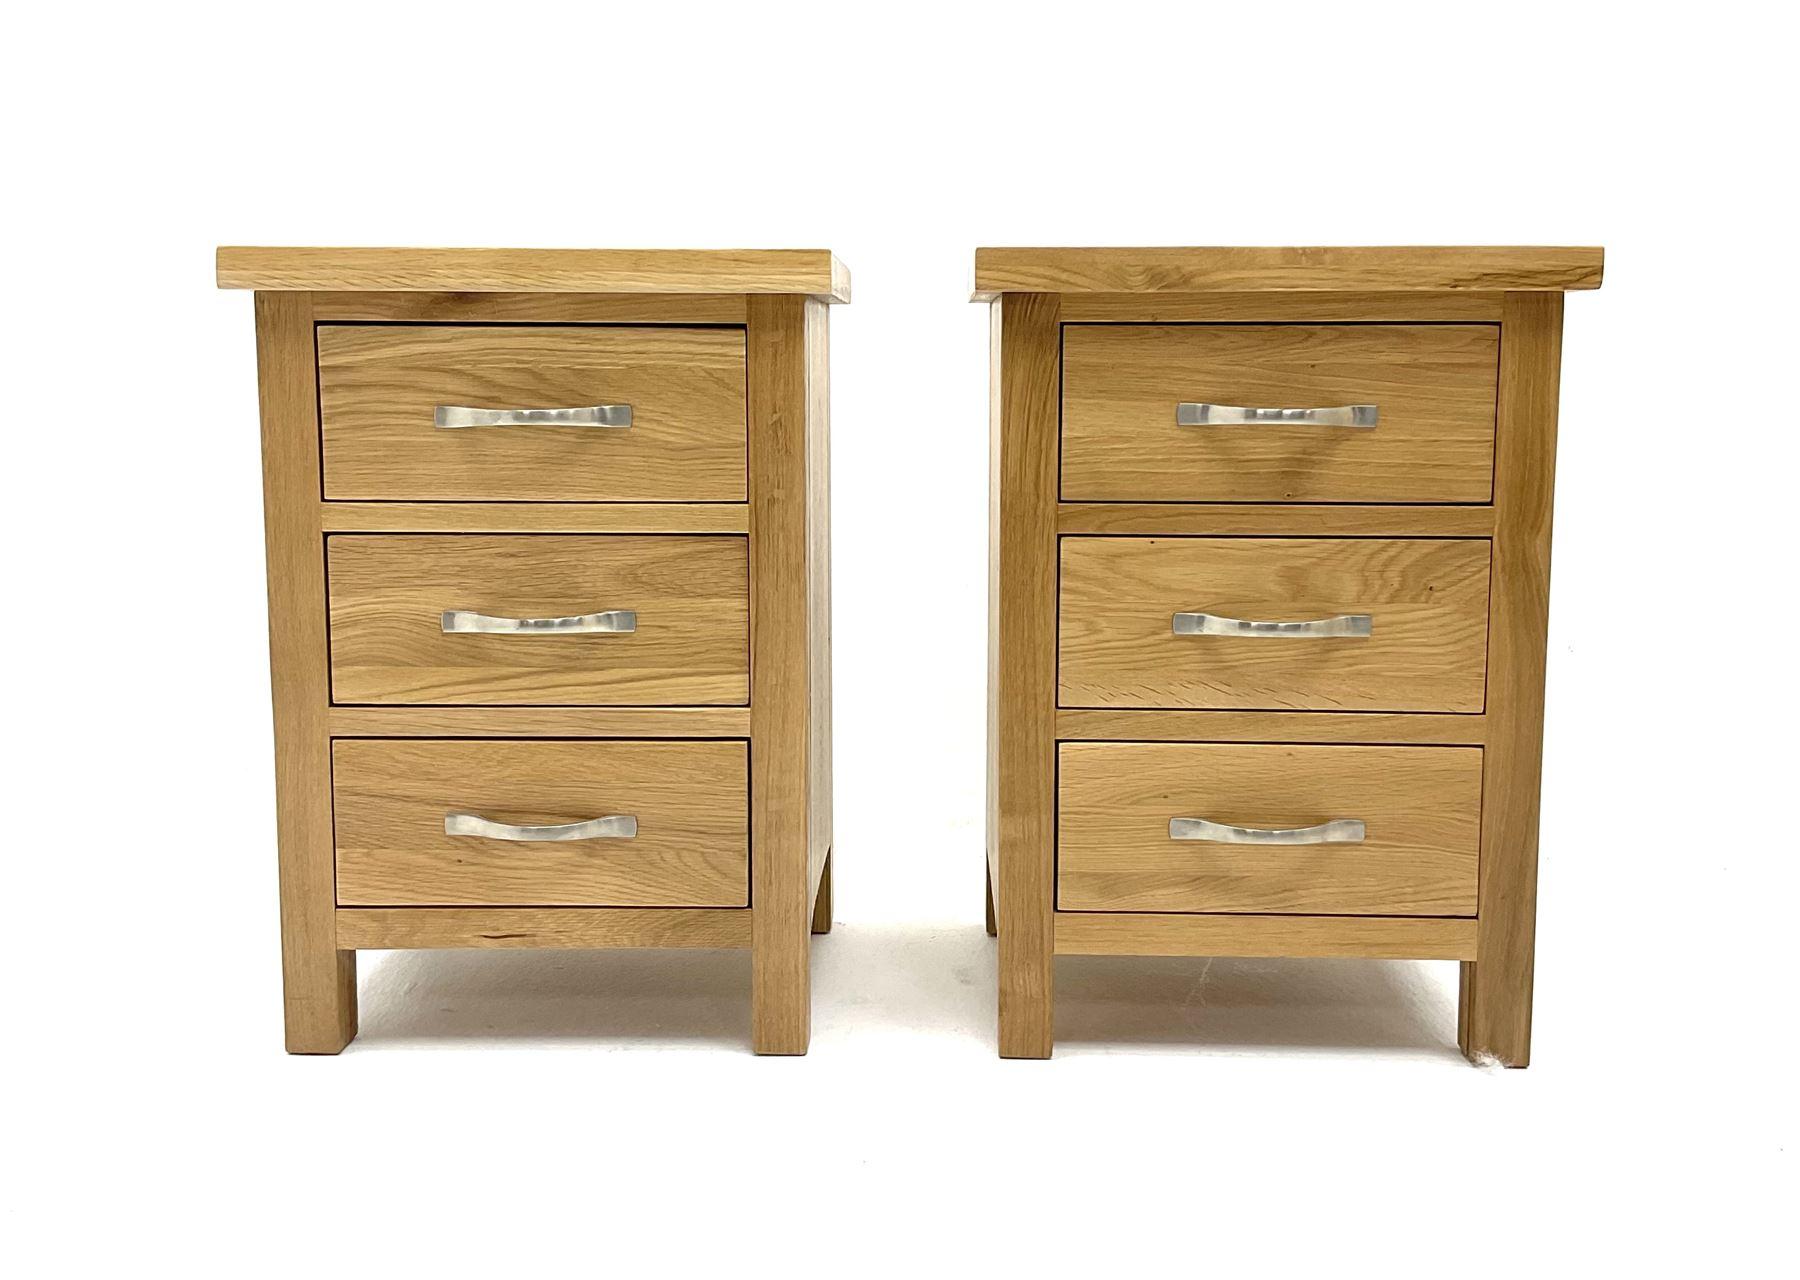 Pair light oak bedside pedestal chests - Image 2 of 2